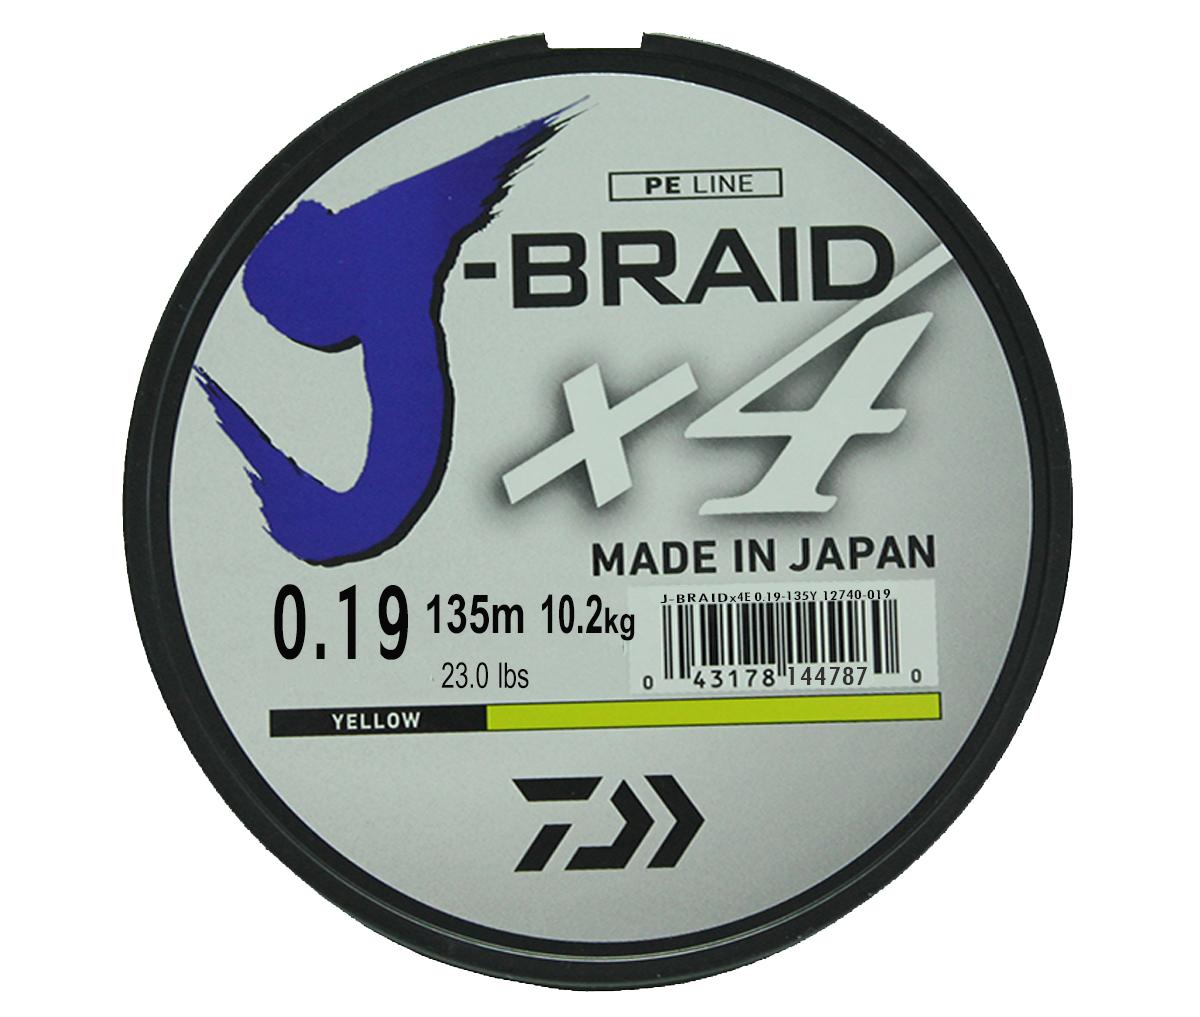 Шнур плетеный Daiwa J-Braid X4, цвет: флуоресцентный желтый, 135 м, 0,19 мм61140Новый 4х жильный шнур J-Braid, DAIWA - шнур высокого класса с удивительным соотношением цены и качества. Качество плетения полностью соответствует японским стандартам и удовлетворяет всем требованиям. Представленные диаметры позволяют использовать шнур для всех техник ловли, начиная от ultra- light ловли окуня, до морской ловли палтуса, трески и т.д